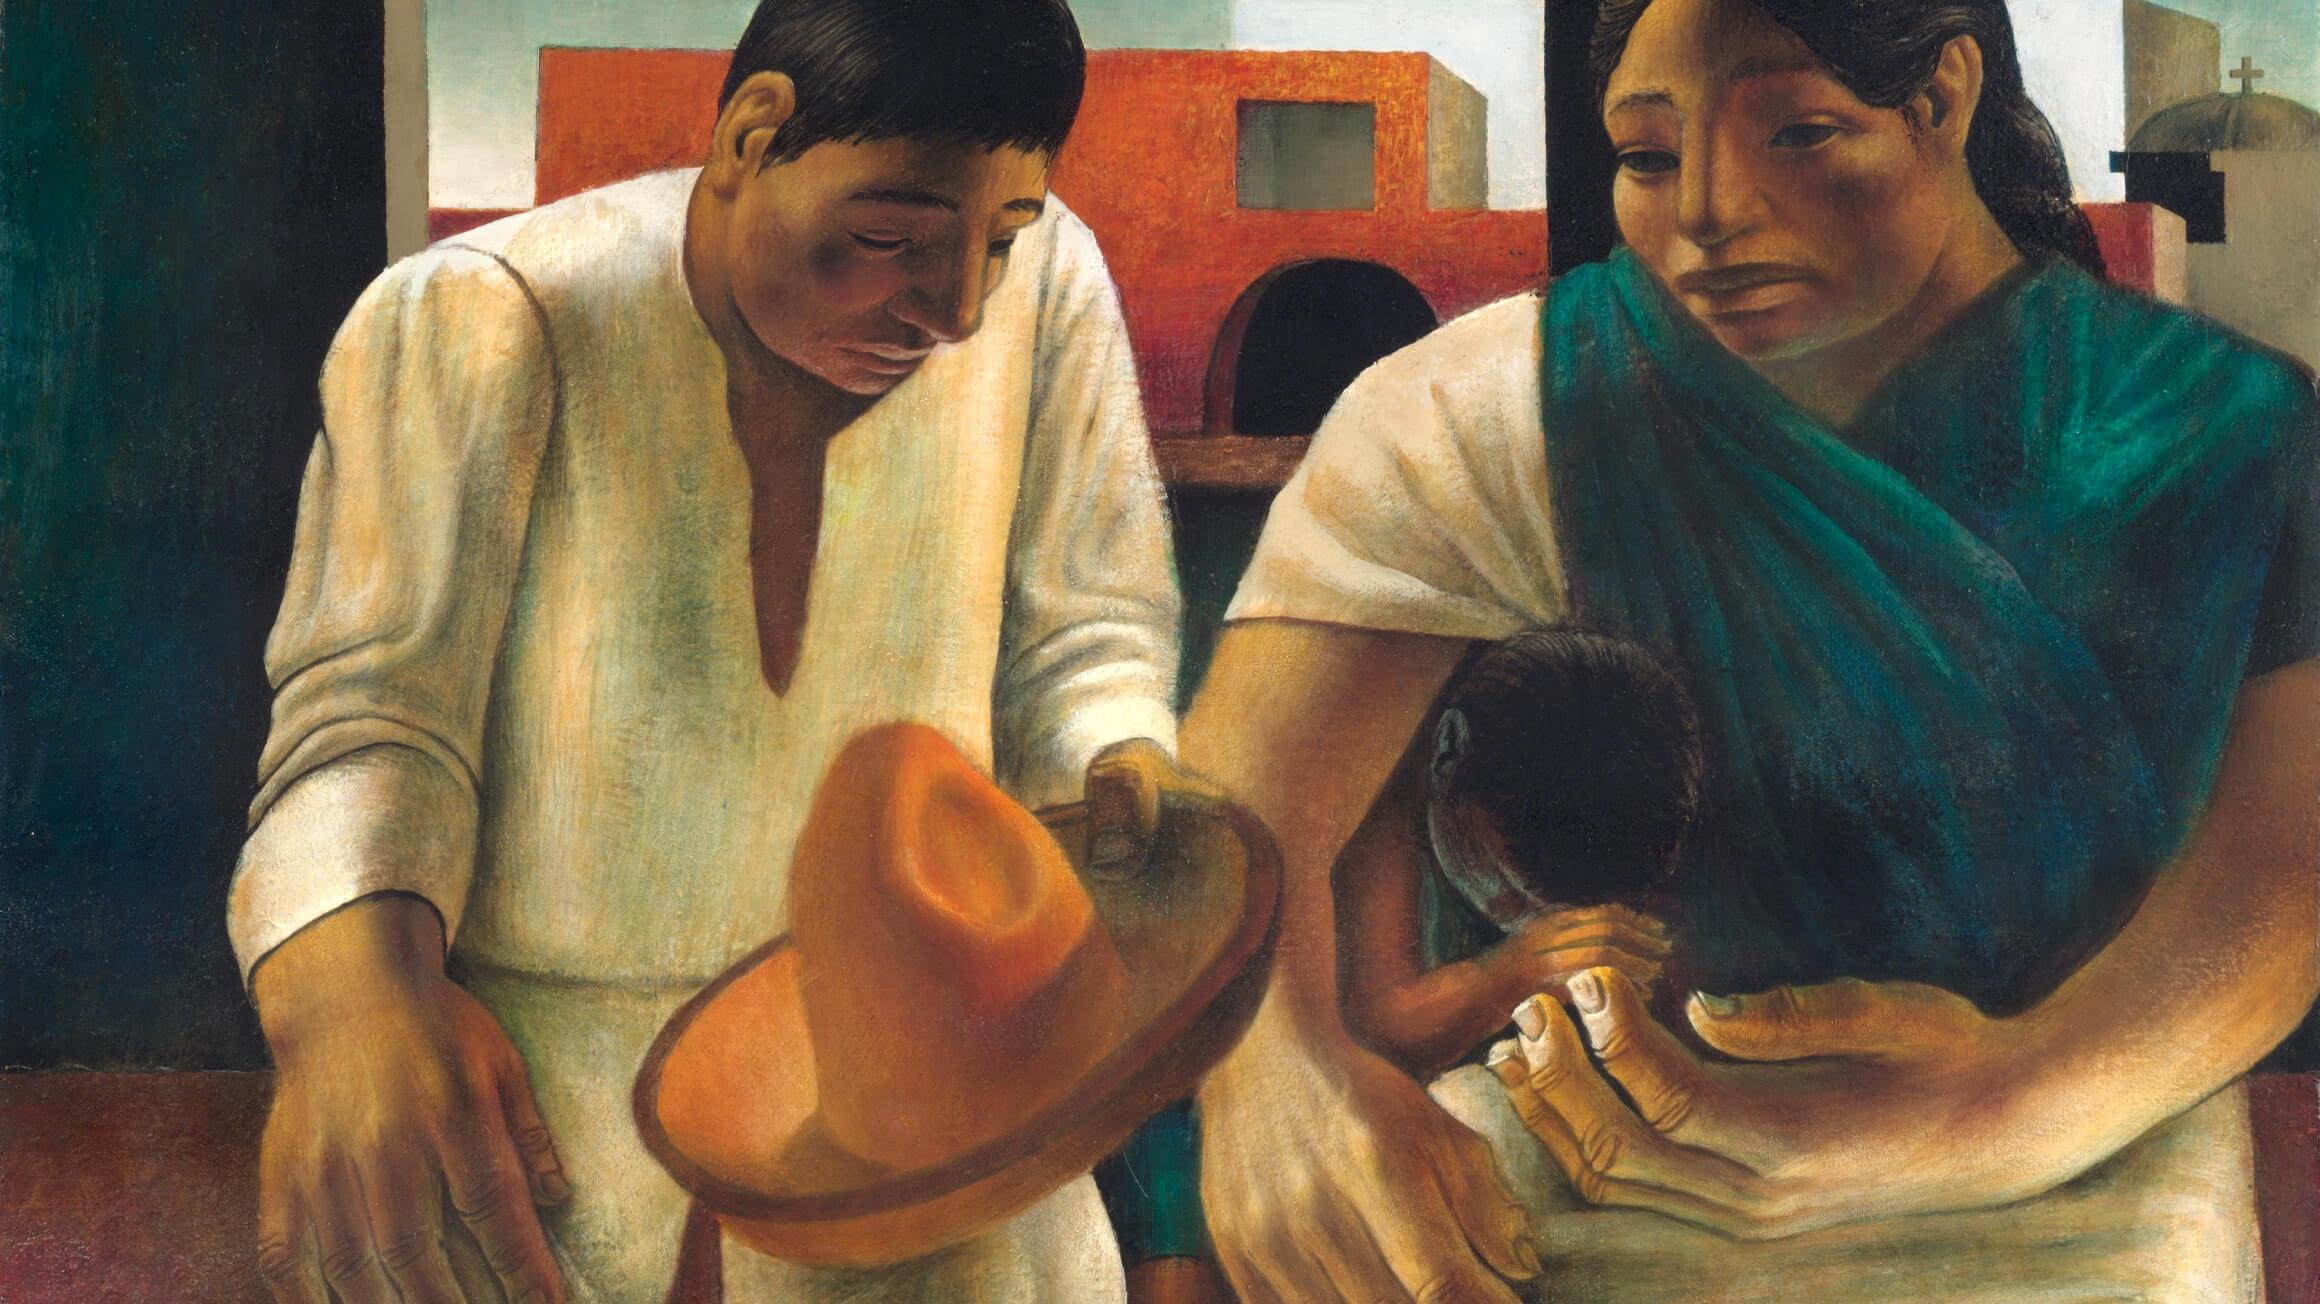 Campesinos (Peasants) (detail), 1952, by John Woodrow Wilson